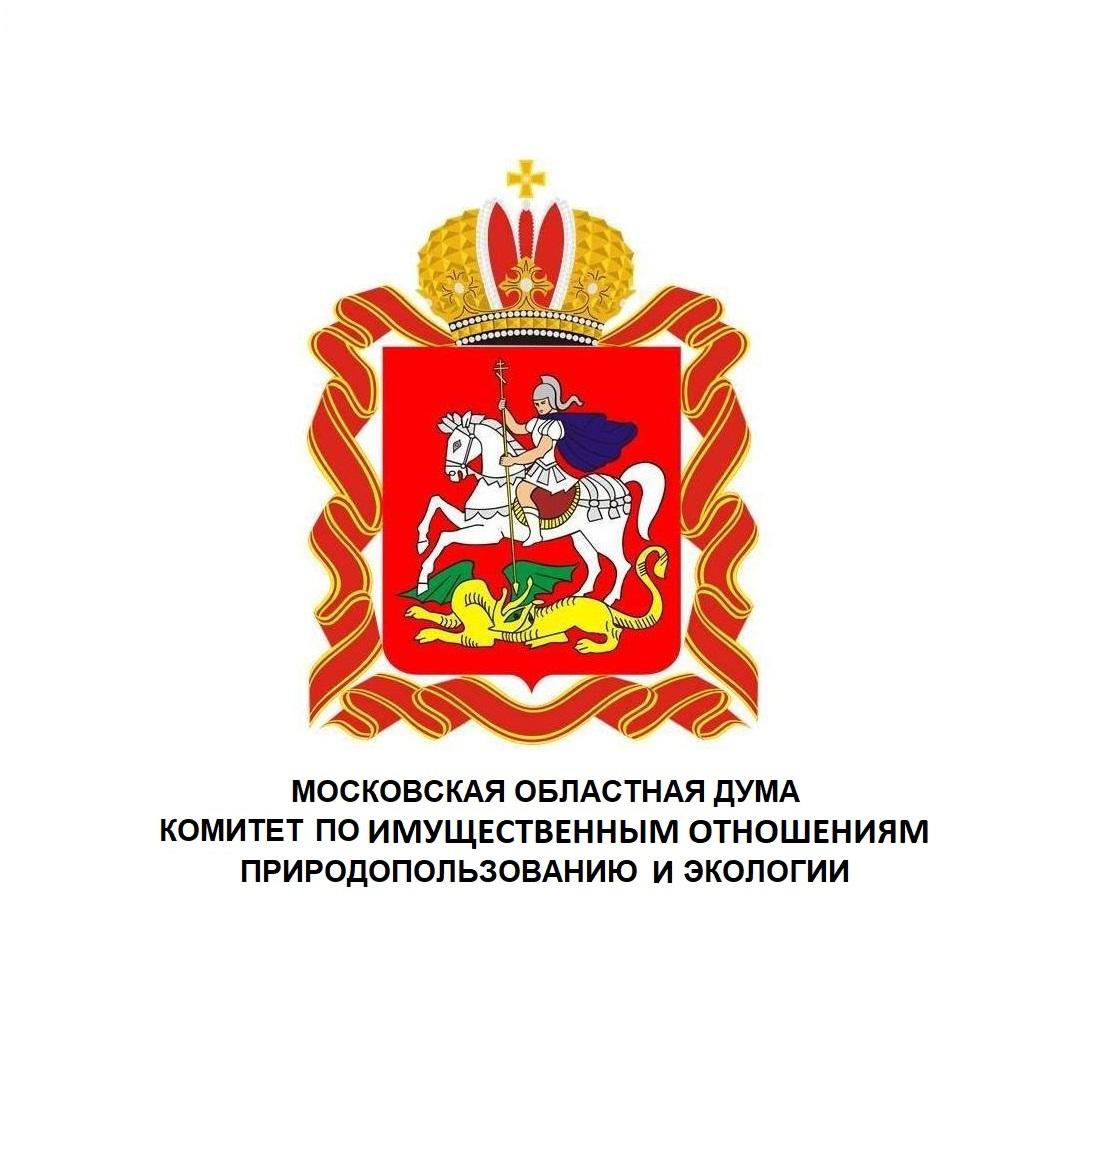 Комитет по имущественным отношениям, природопользованию и экологии Мособлдумы